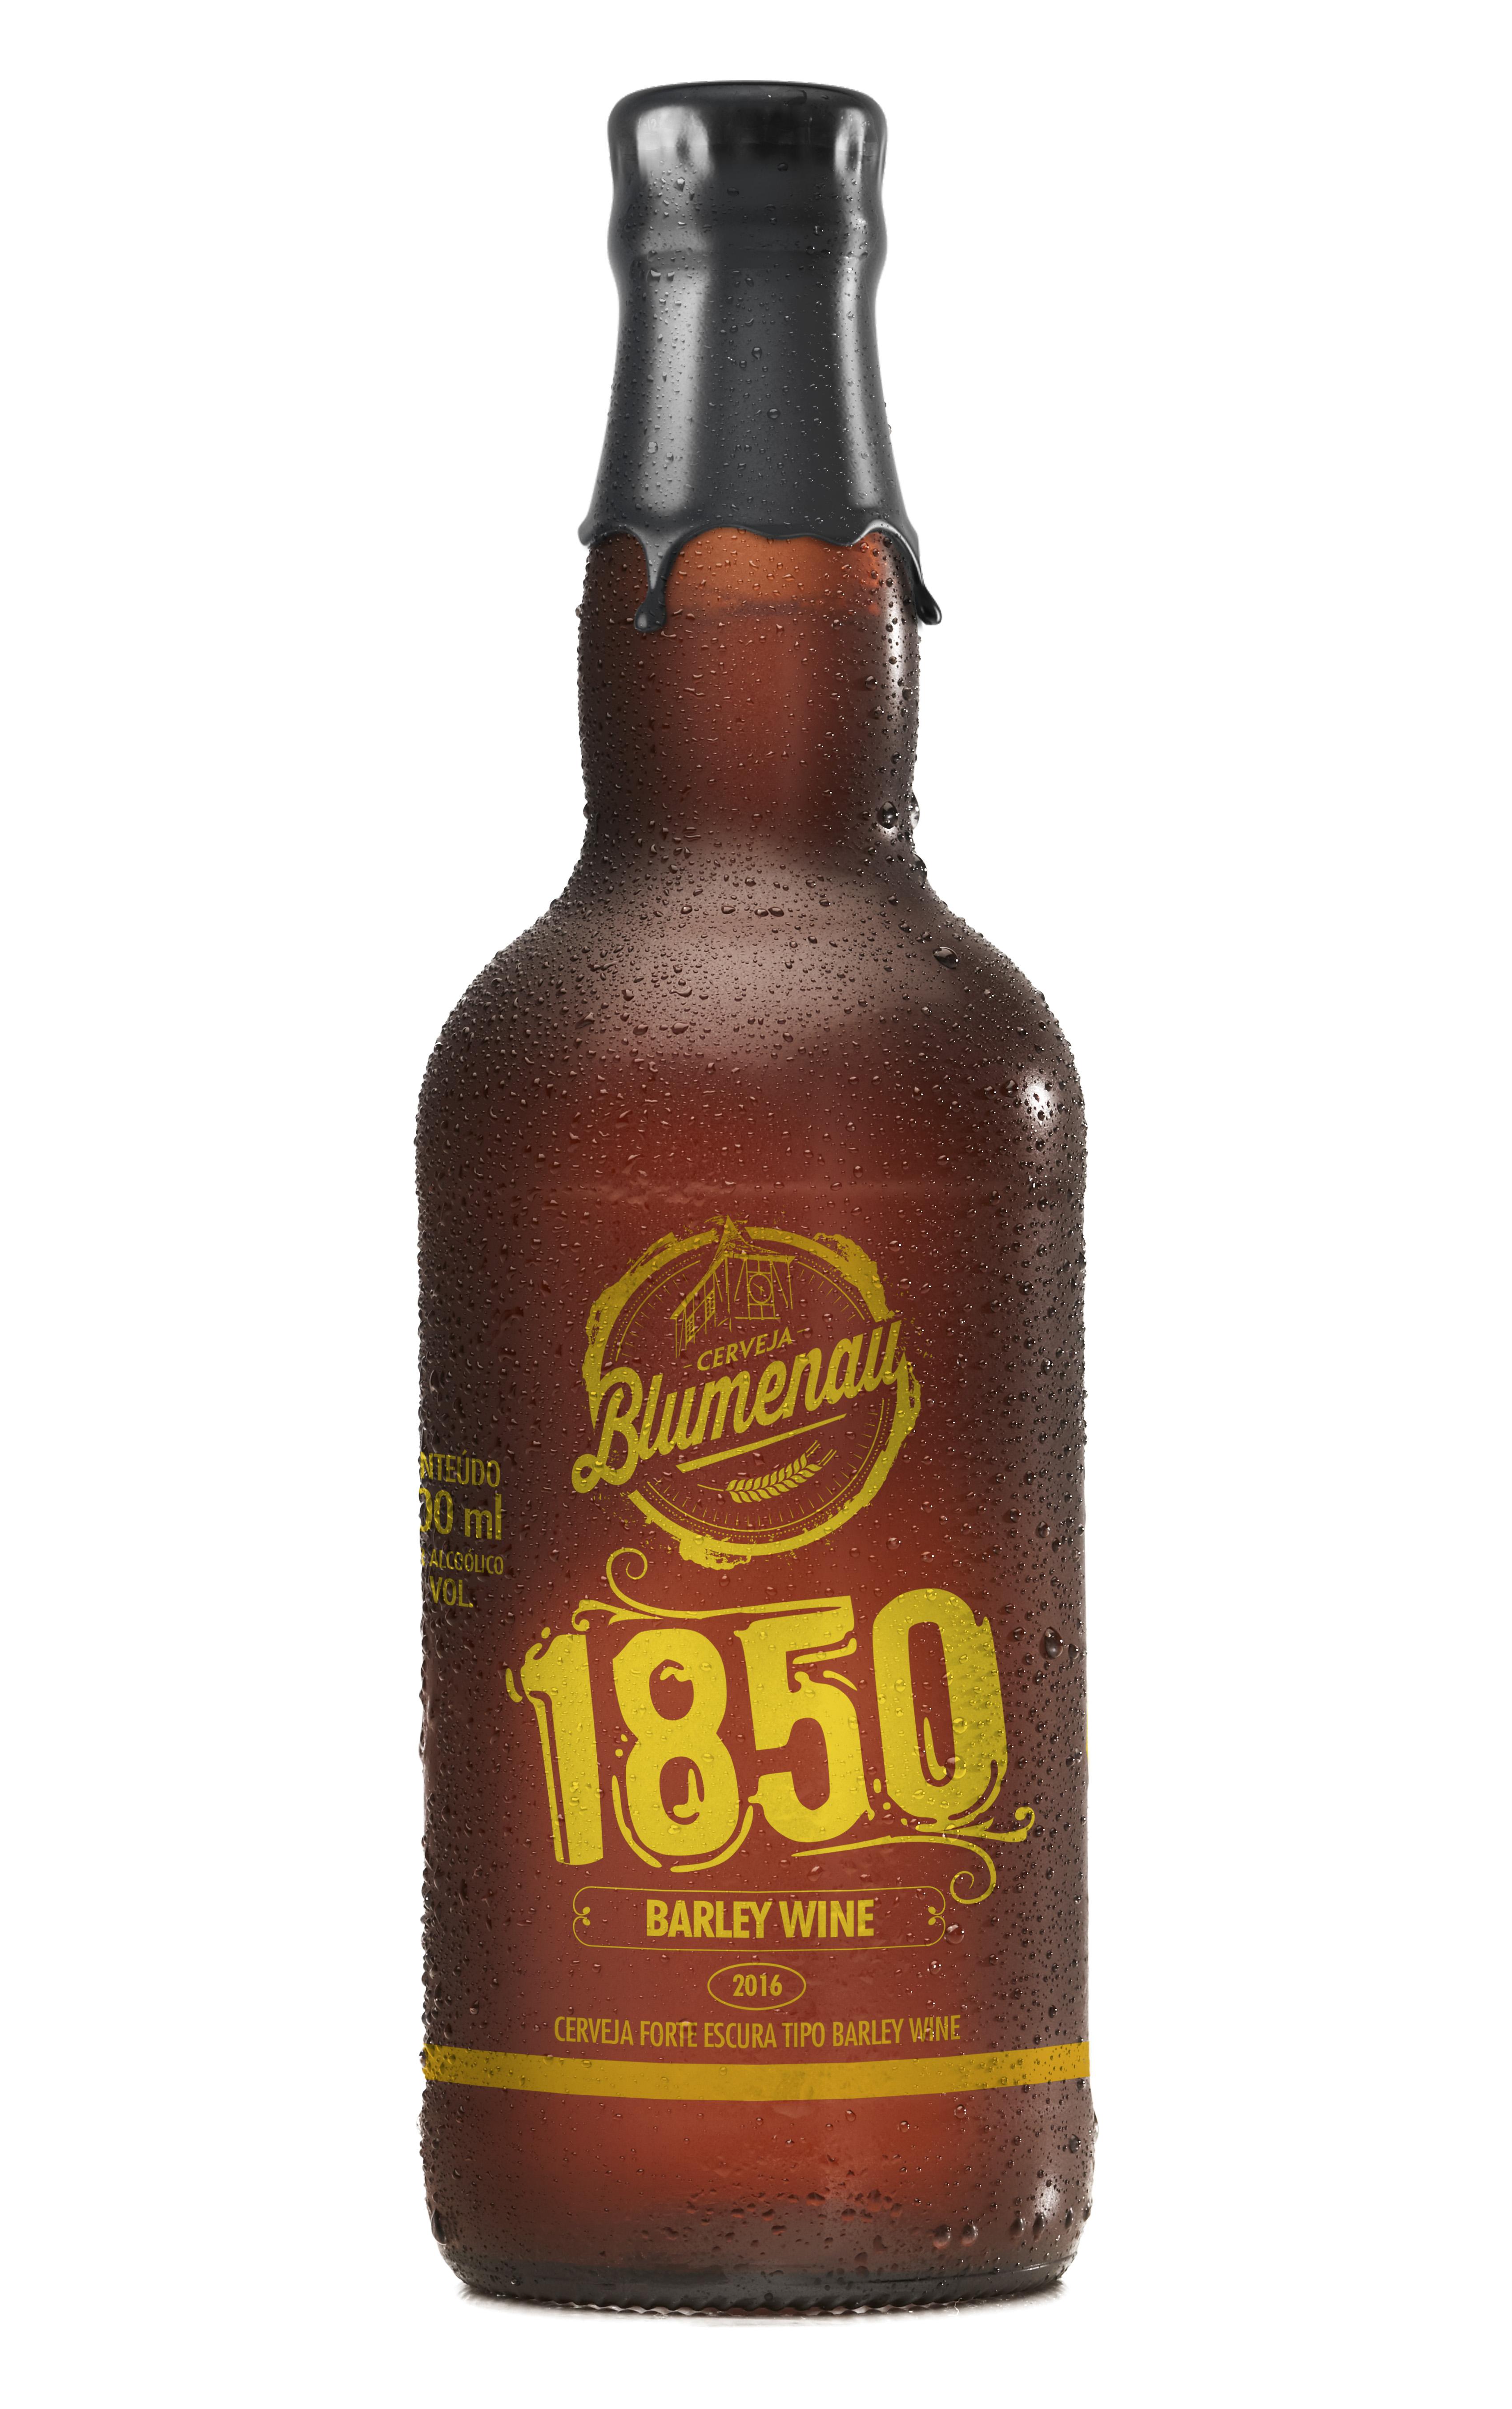 Barley Wine de guarda é lançamento da Cerveja Blumenau para comemorar primeiro ano